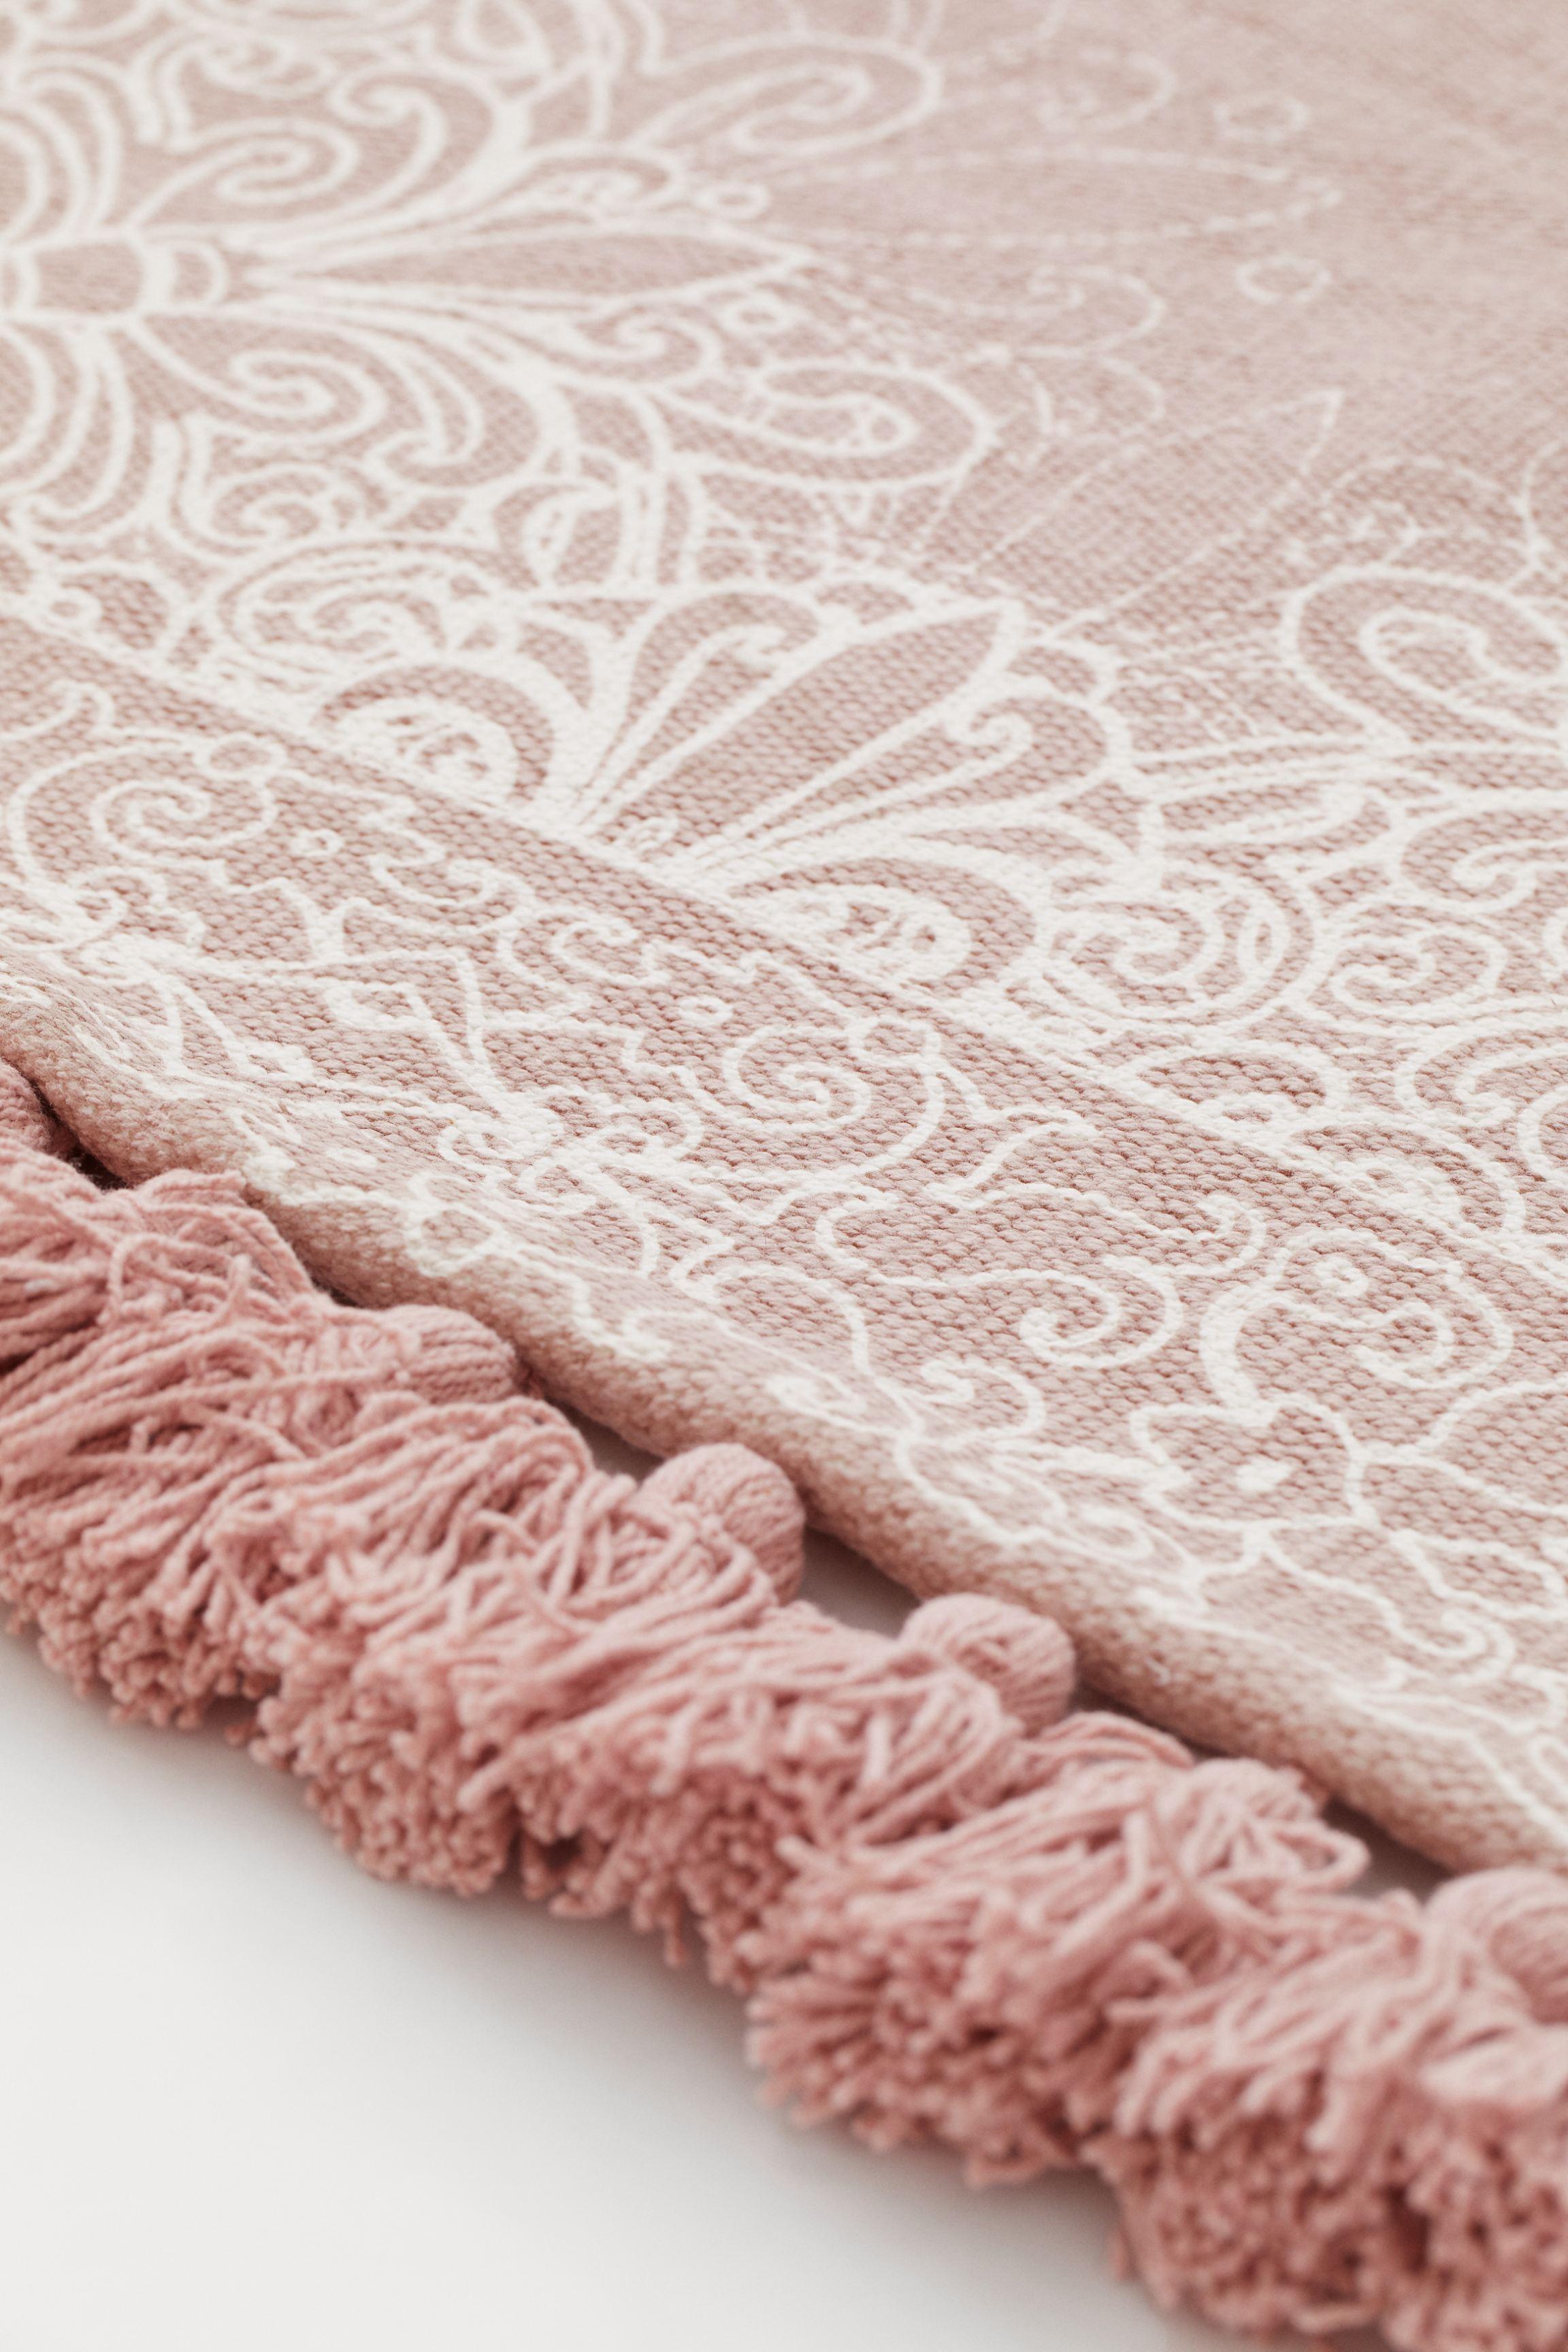 Tasseled Cotton Rug